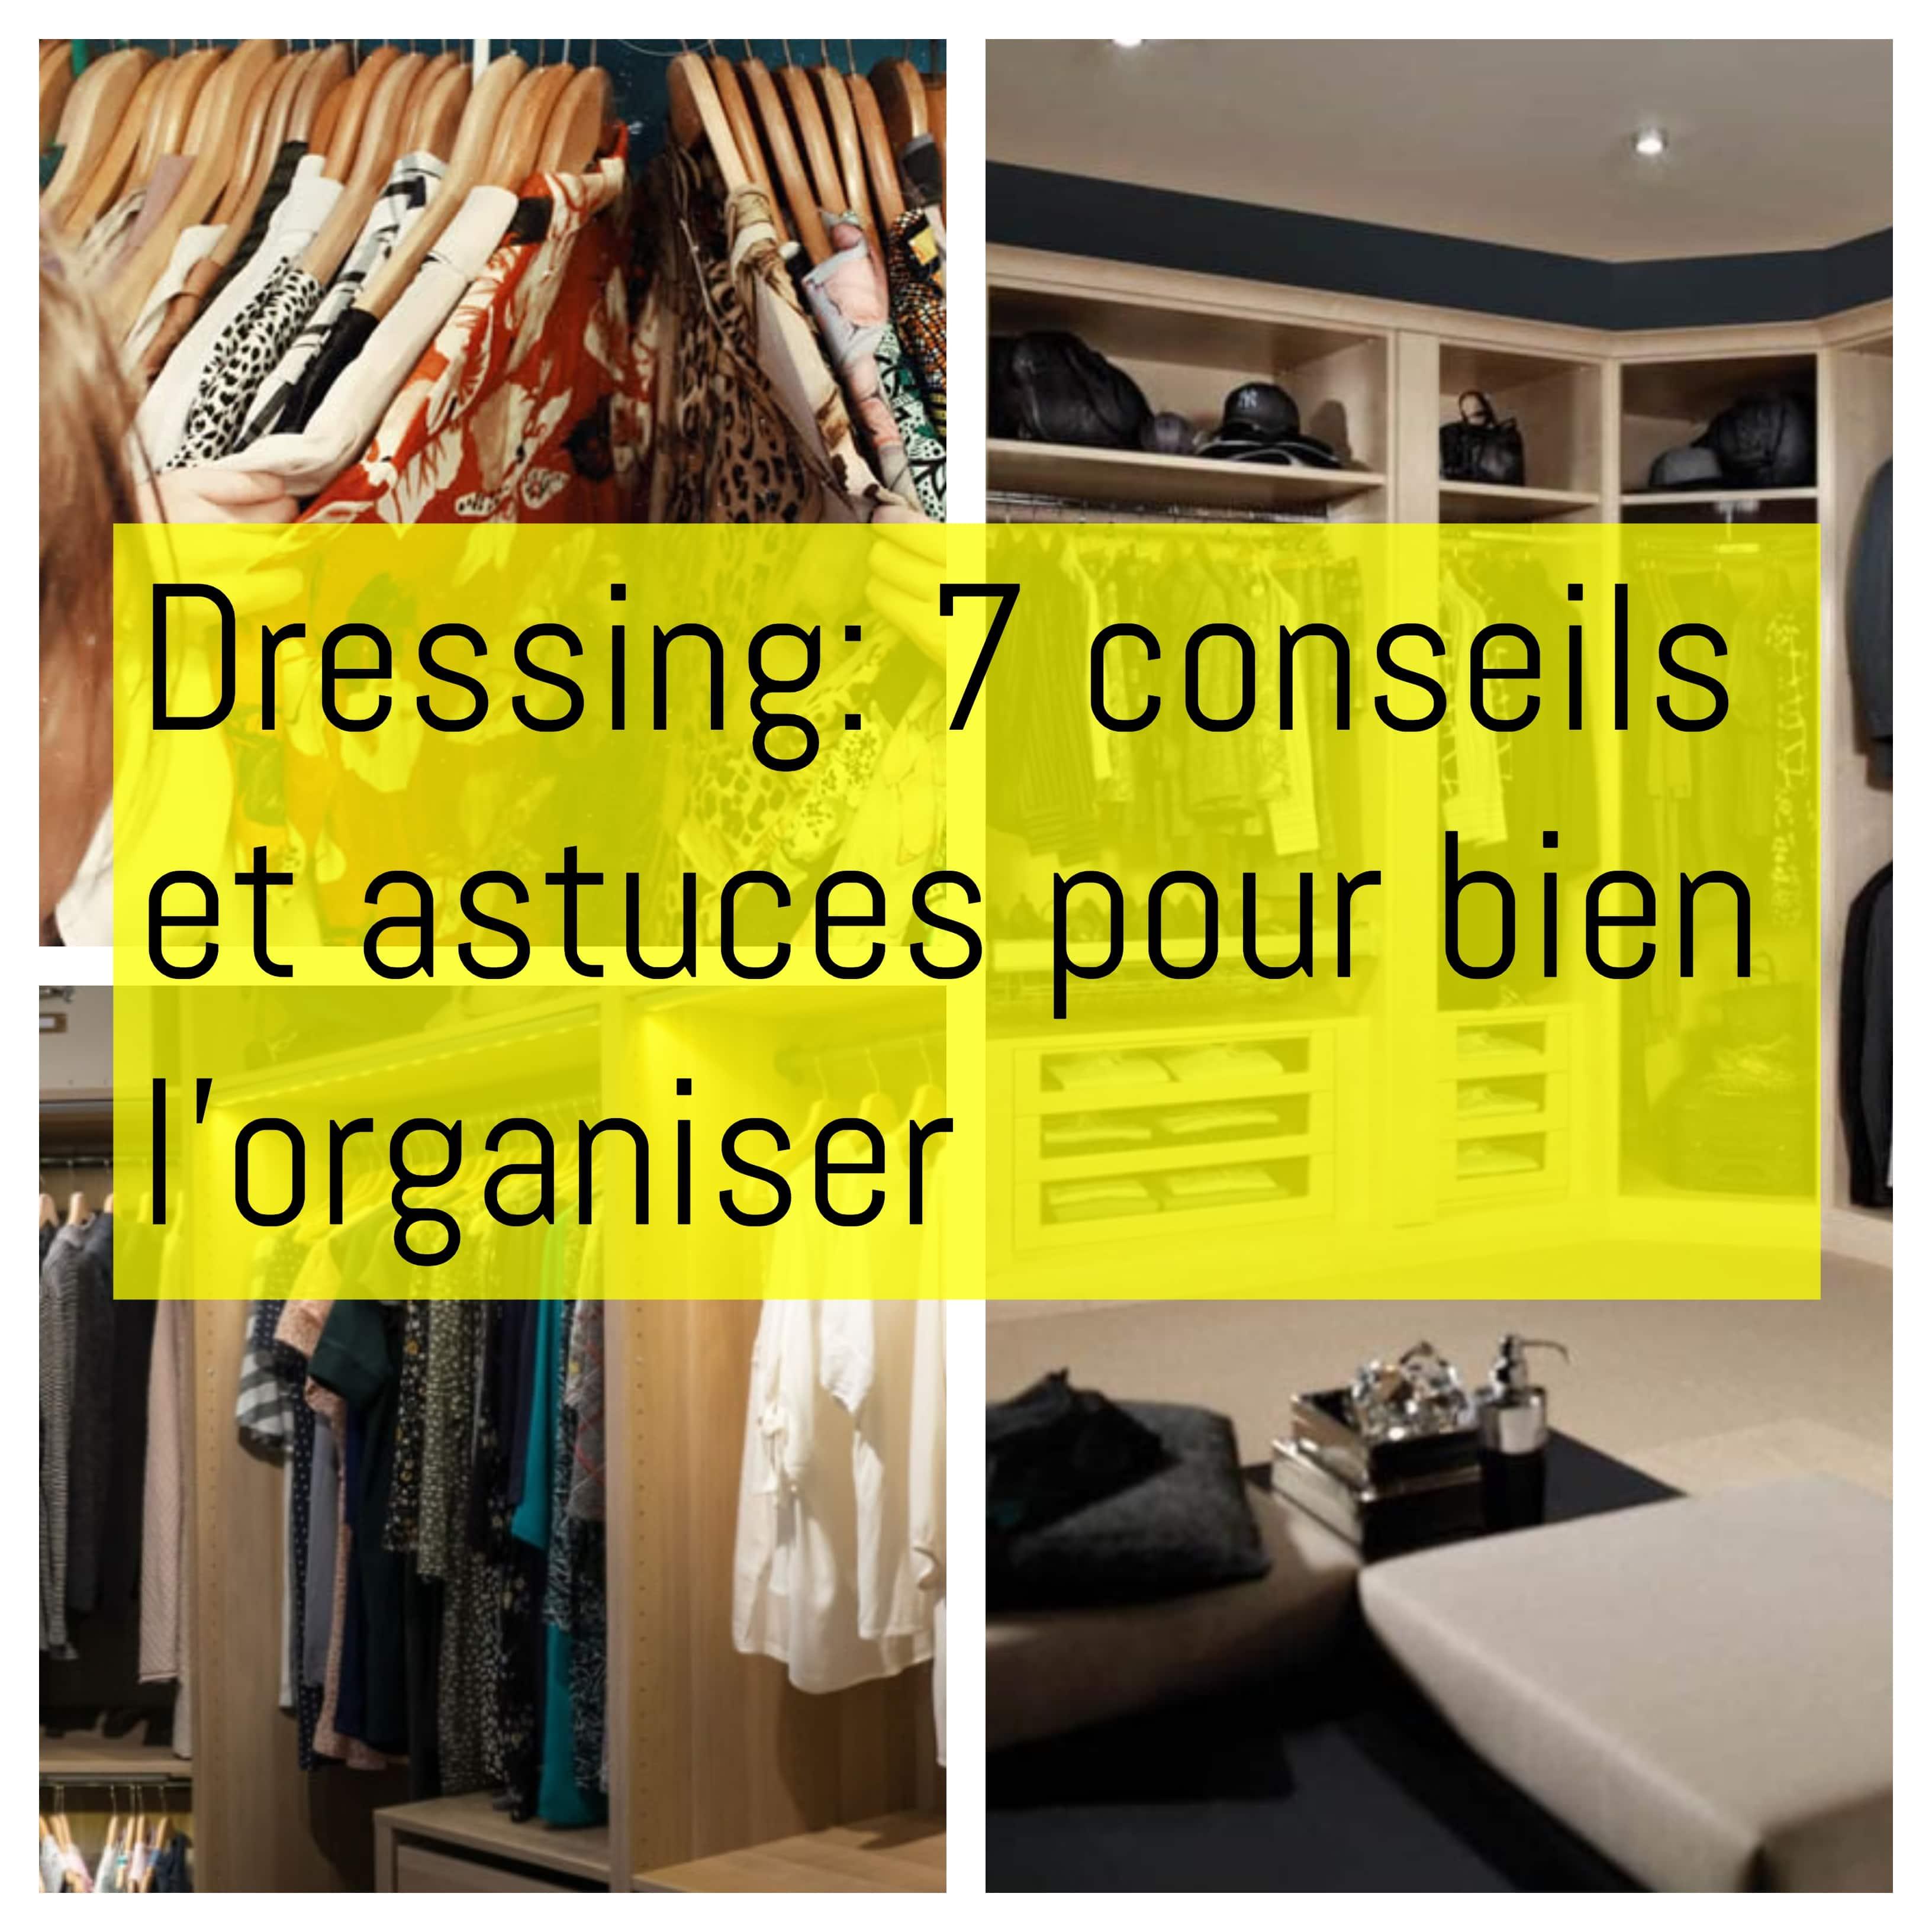 Profondeur Dressing Pour Cintre dressing: 7 conseils et astuces pour bien l'organiser